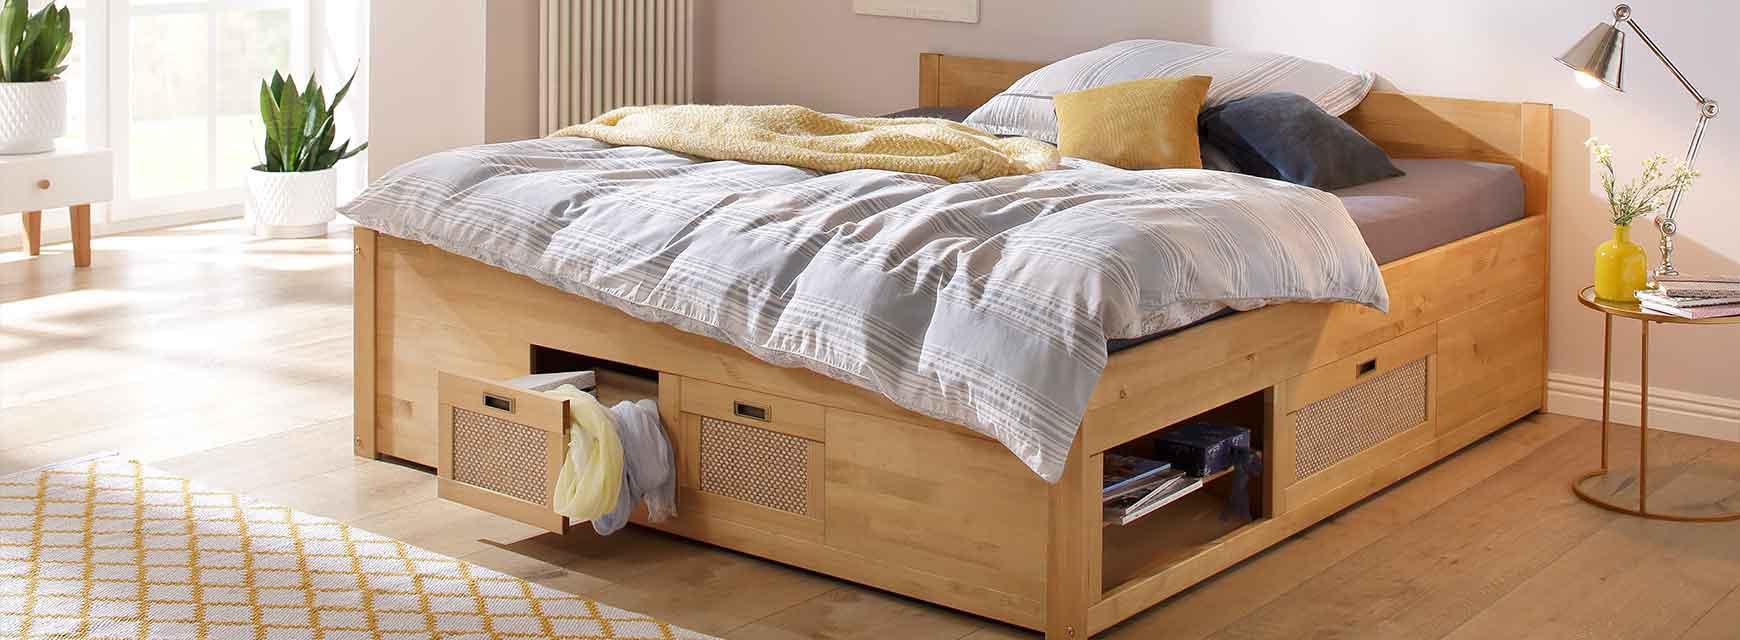 Full Size of Betten 200x200 Bett Landhausstil Landhaus Online Kaufen Naturloftde 200x220 Tempur 180x200 Dico Jabo 140x200 Moebel De Dänisches Bettenlager Badezimmer Bett Betten 200x200